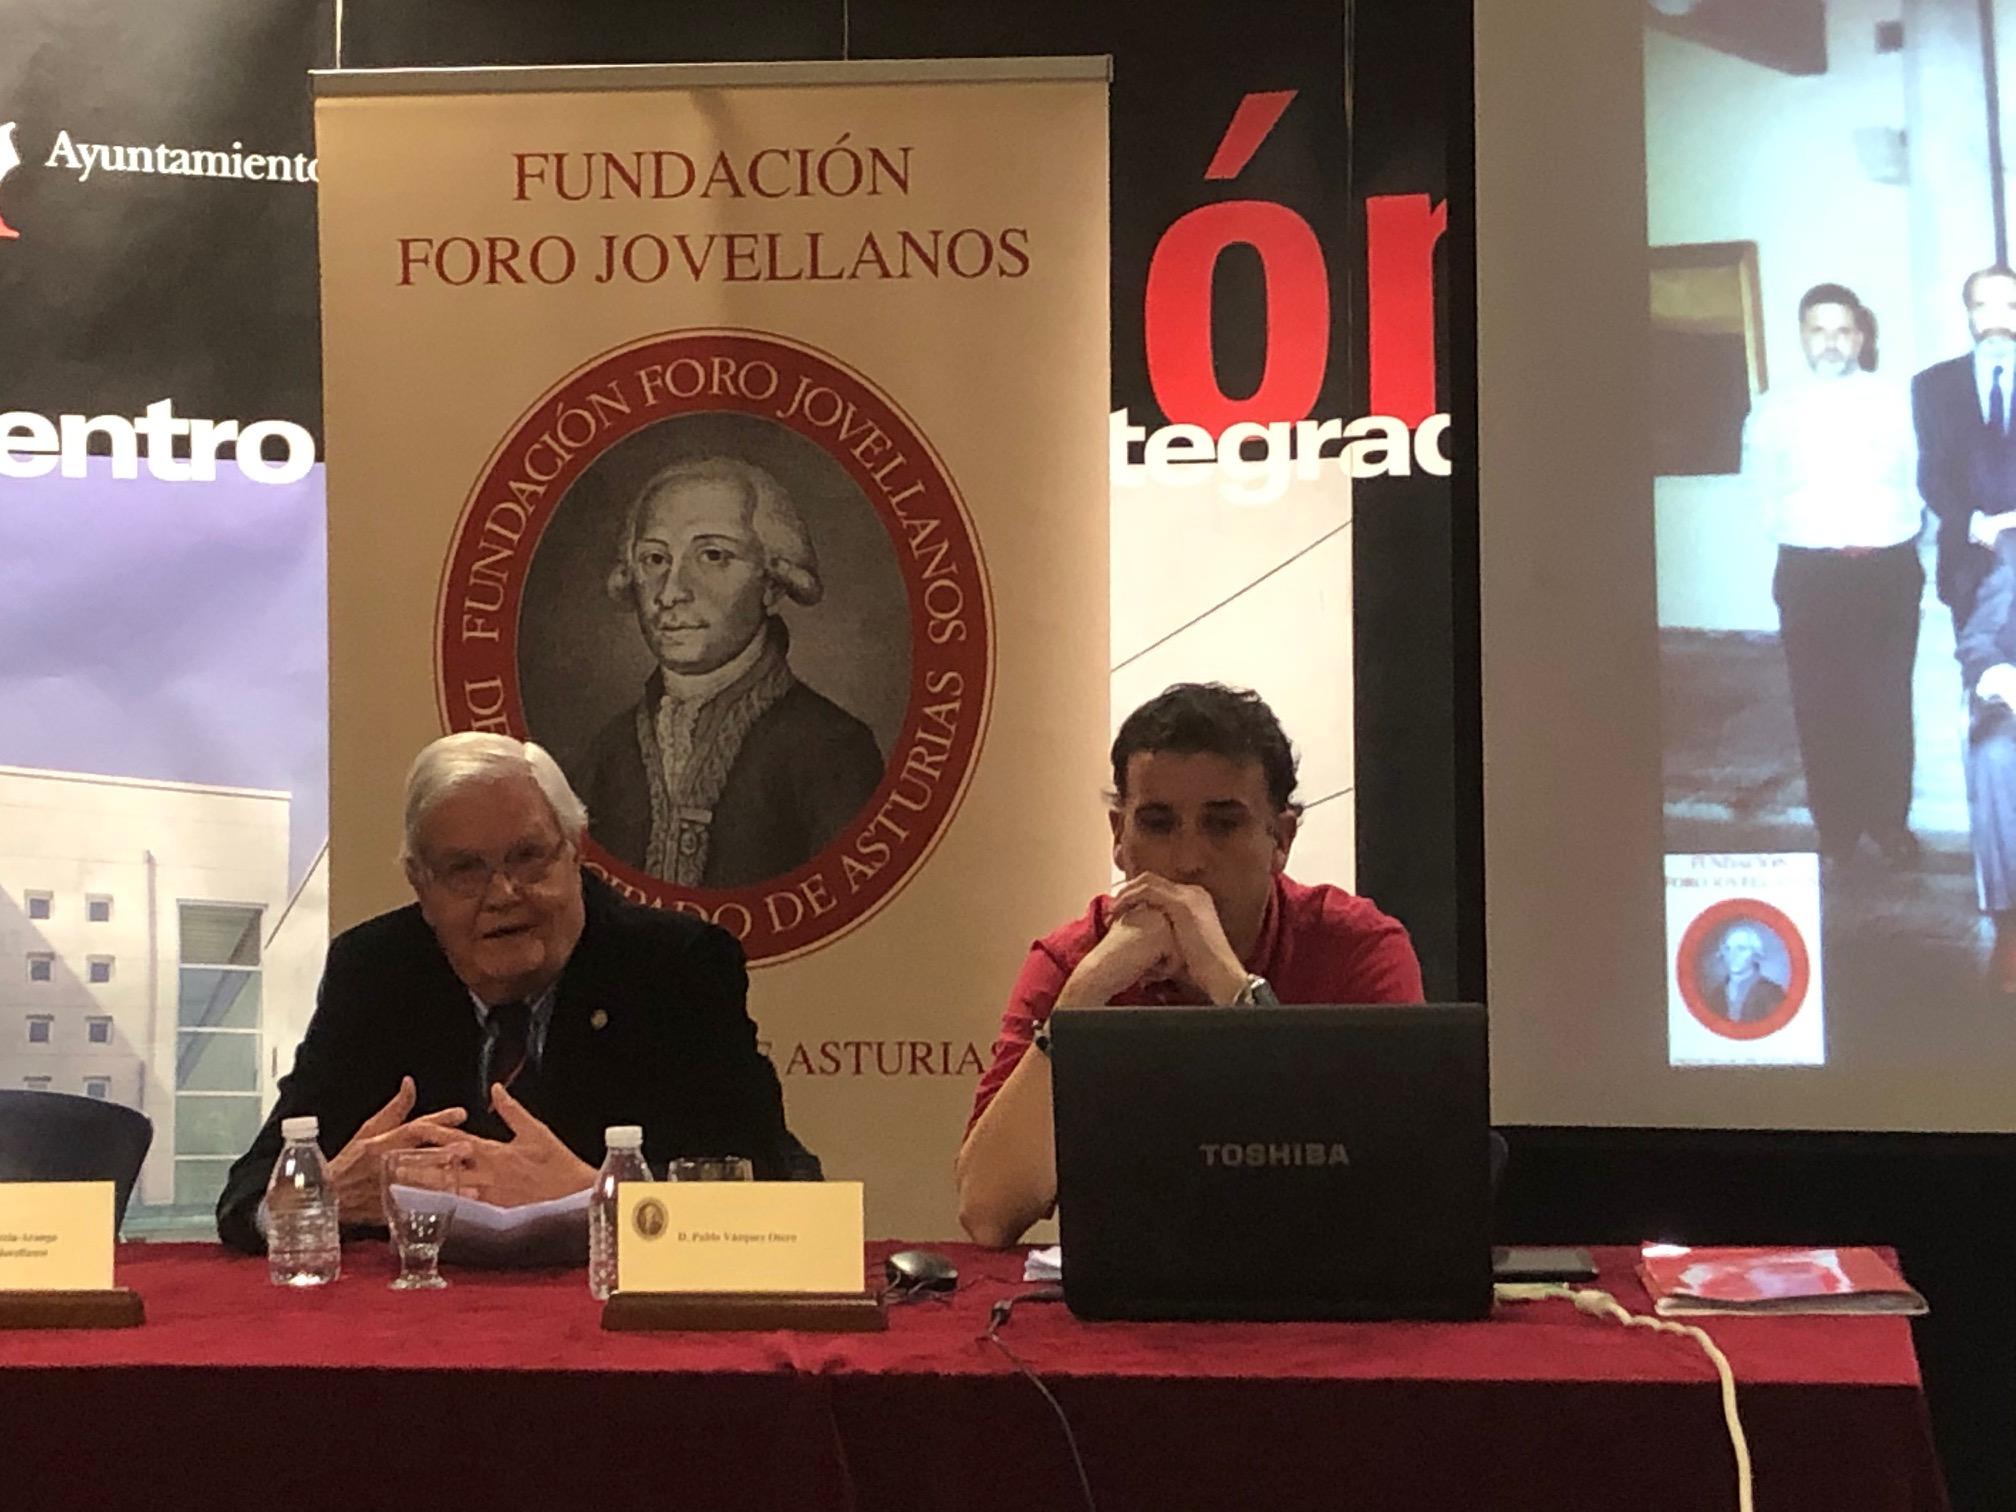 Ciclo: Acercándonos a Jovellanos, vecino de Gijón. Pablo Vázquez Otero